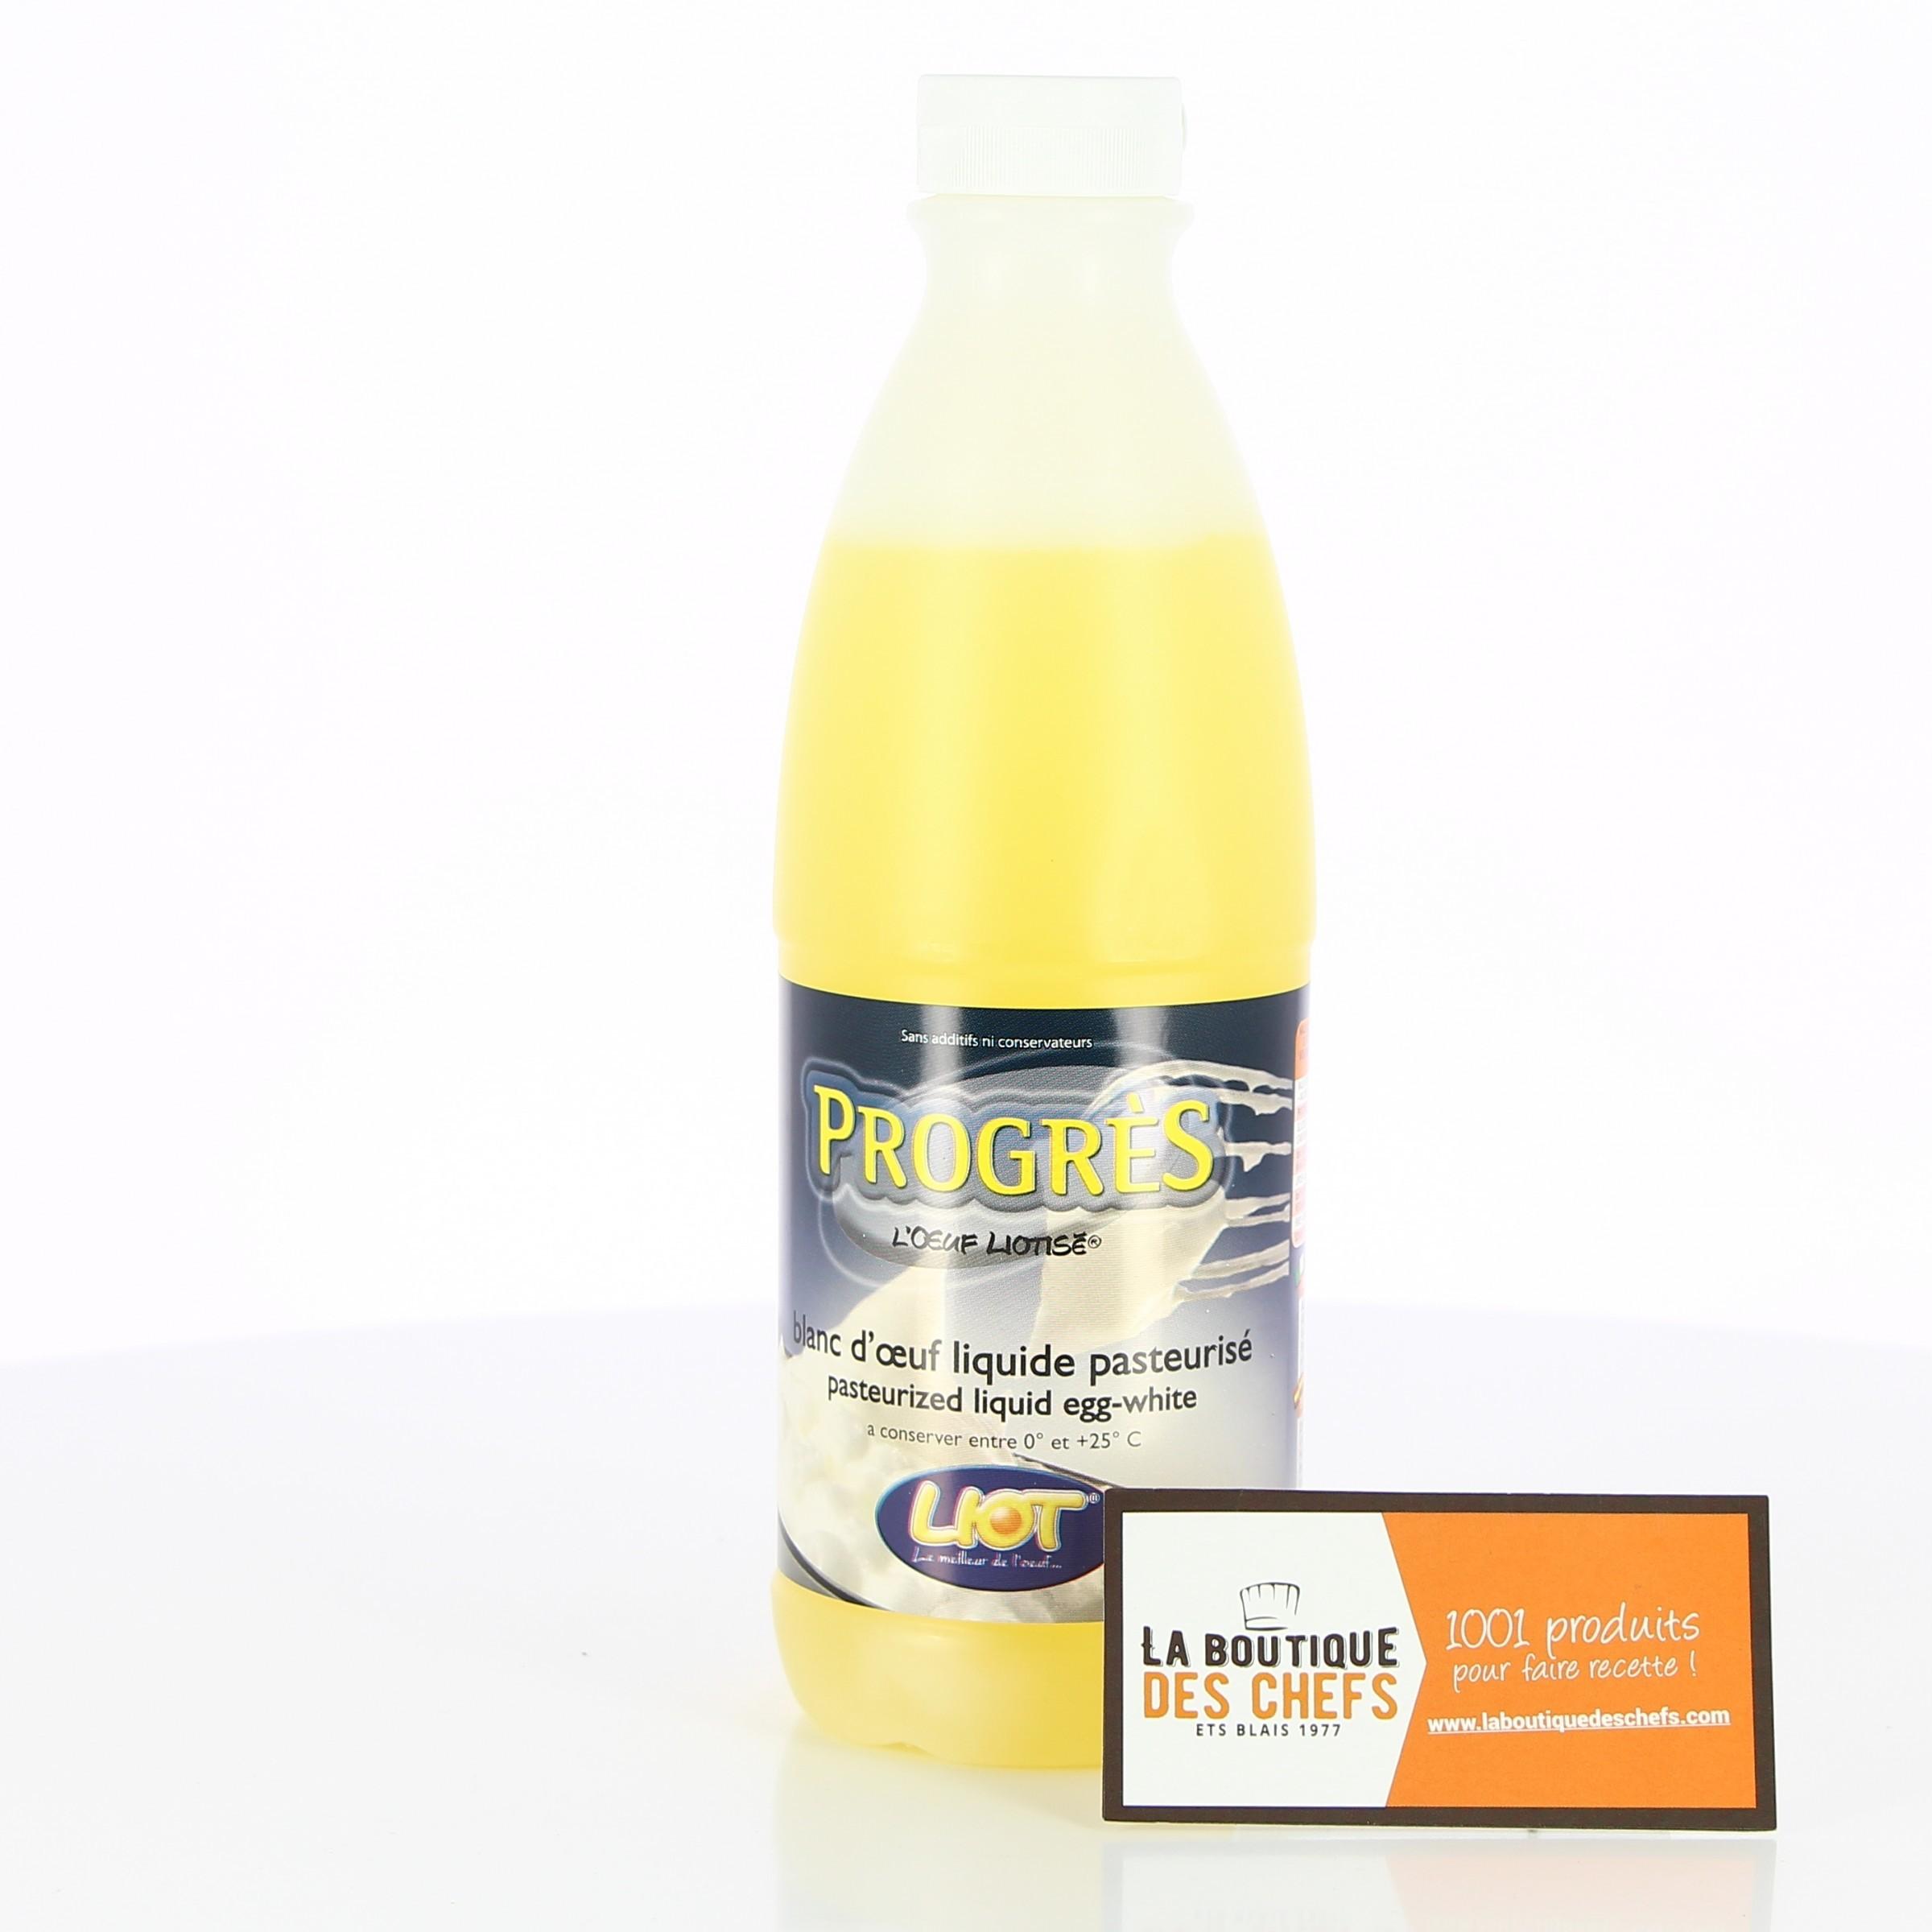 blanc d œuf liquide pasteurise liot progres 1 kg